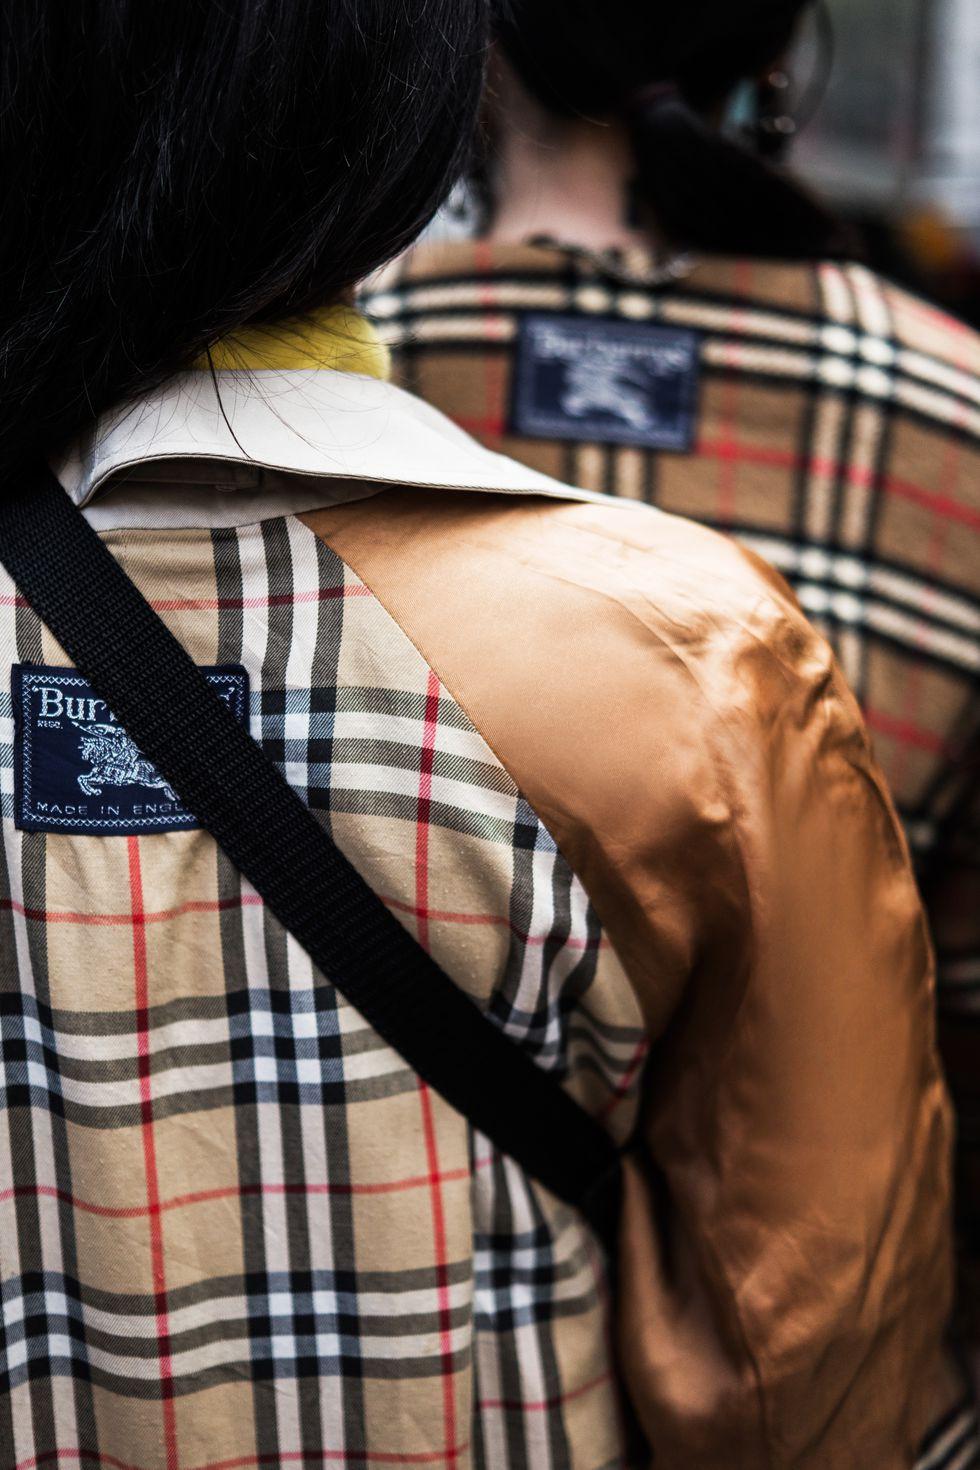 Họa tiết kinh điển của Burberry đang hồi sinh, và nó hot đến mức người ta phải lộn trái áo ra để mặc - Ảnh 2.